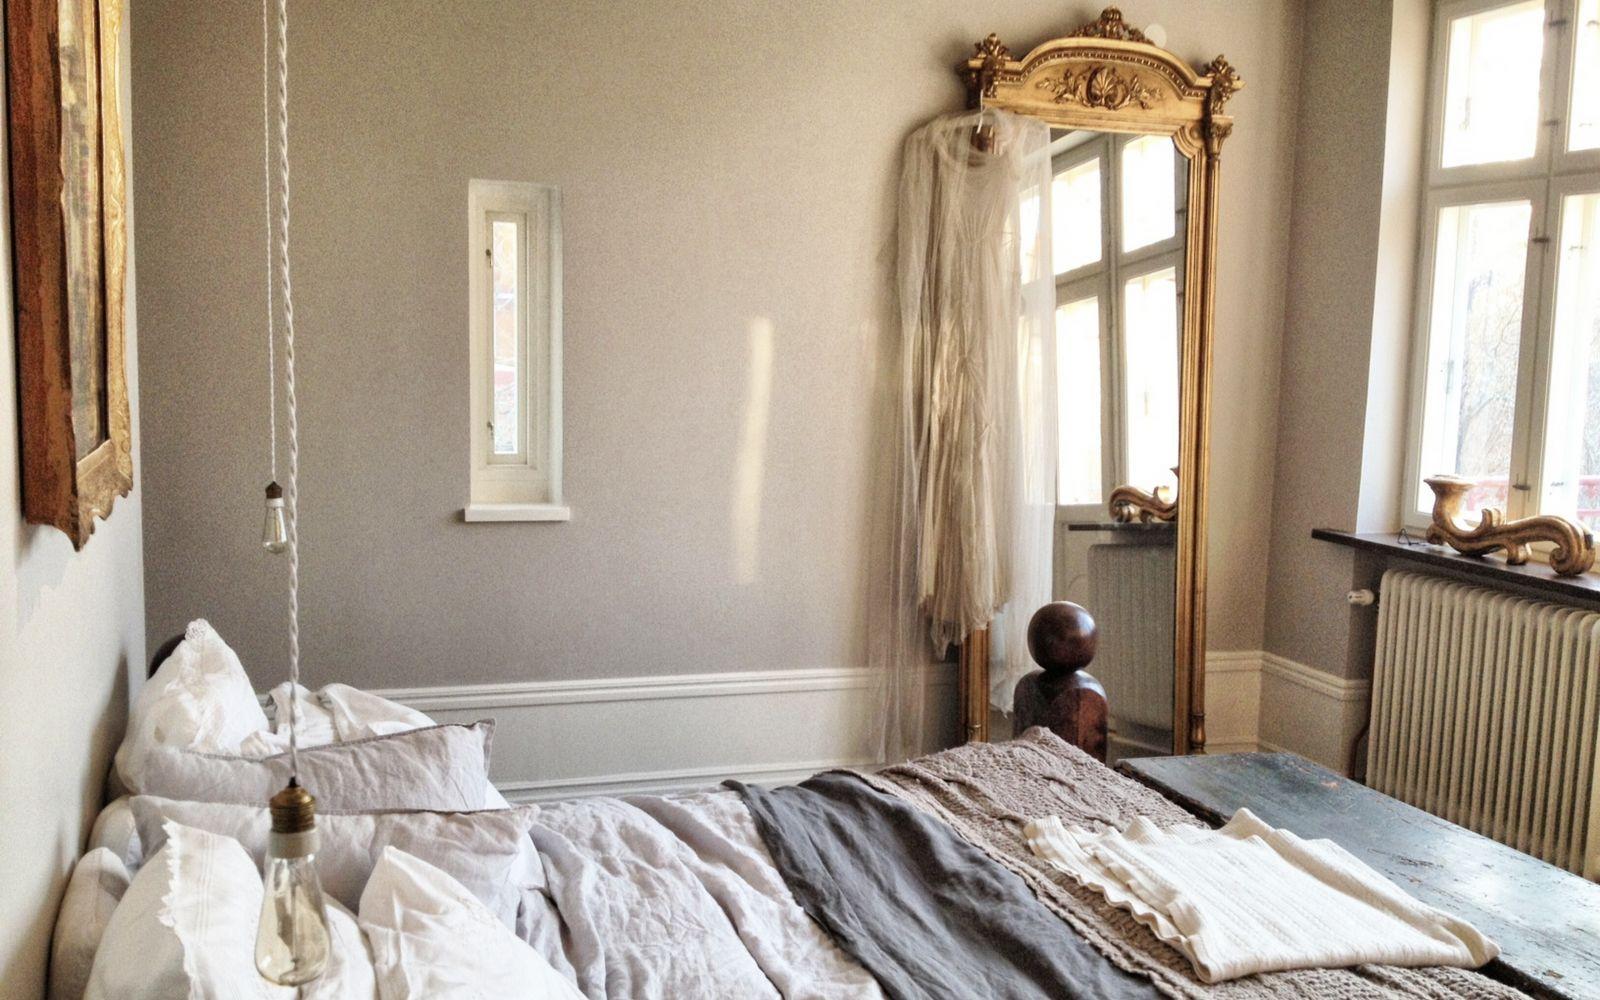 Un grand miroir en bois sculpt dans la chambre la chambre passe en mode cosy pinterest - Miroir dans la chambre ...